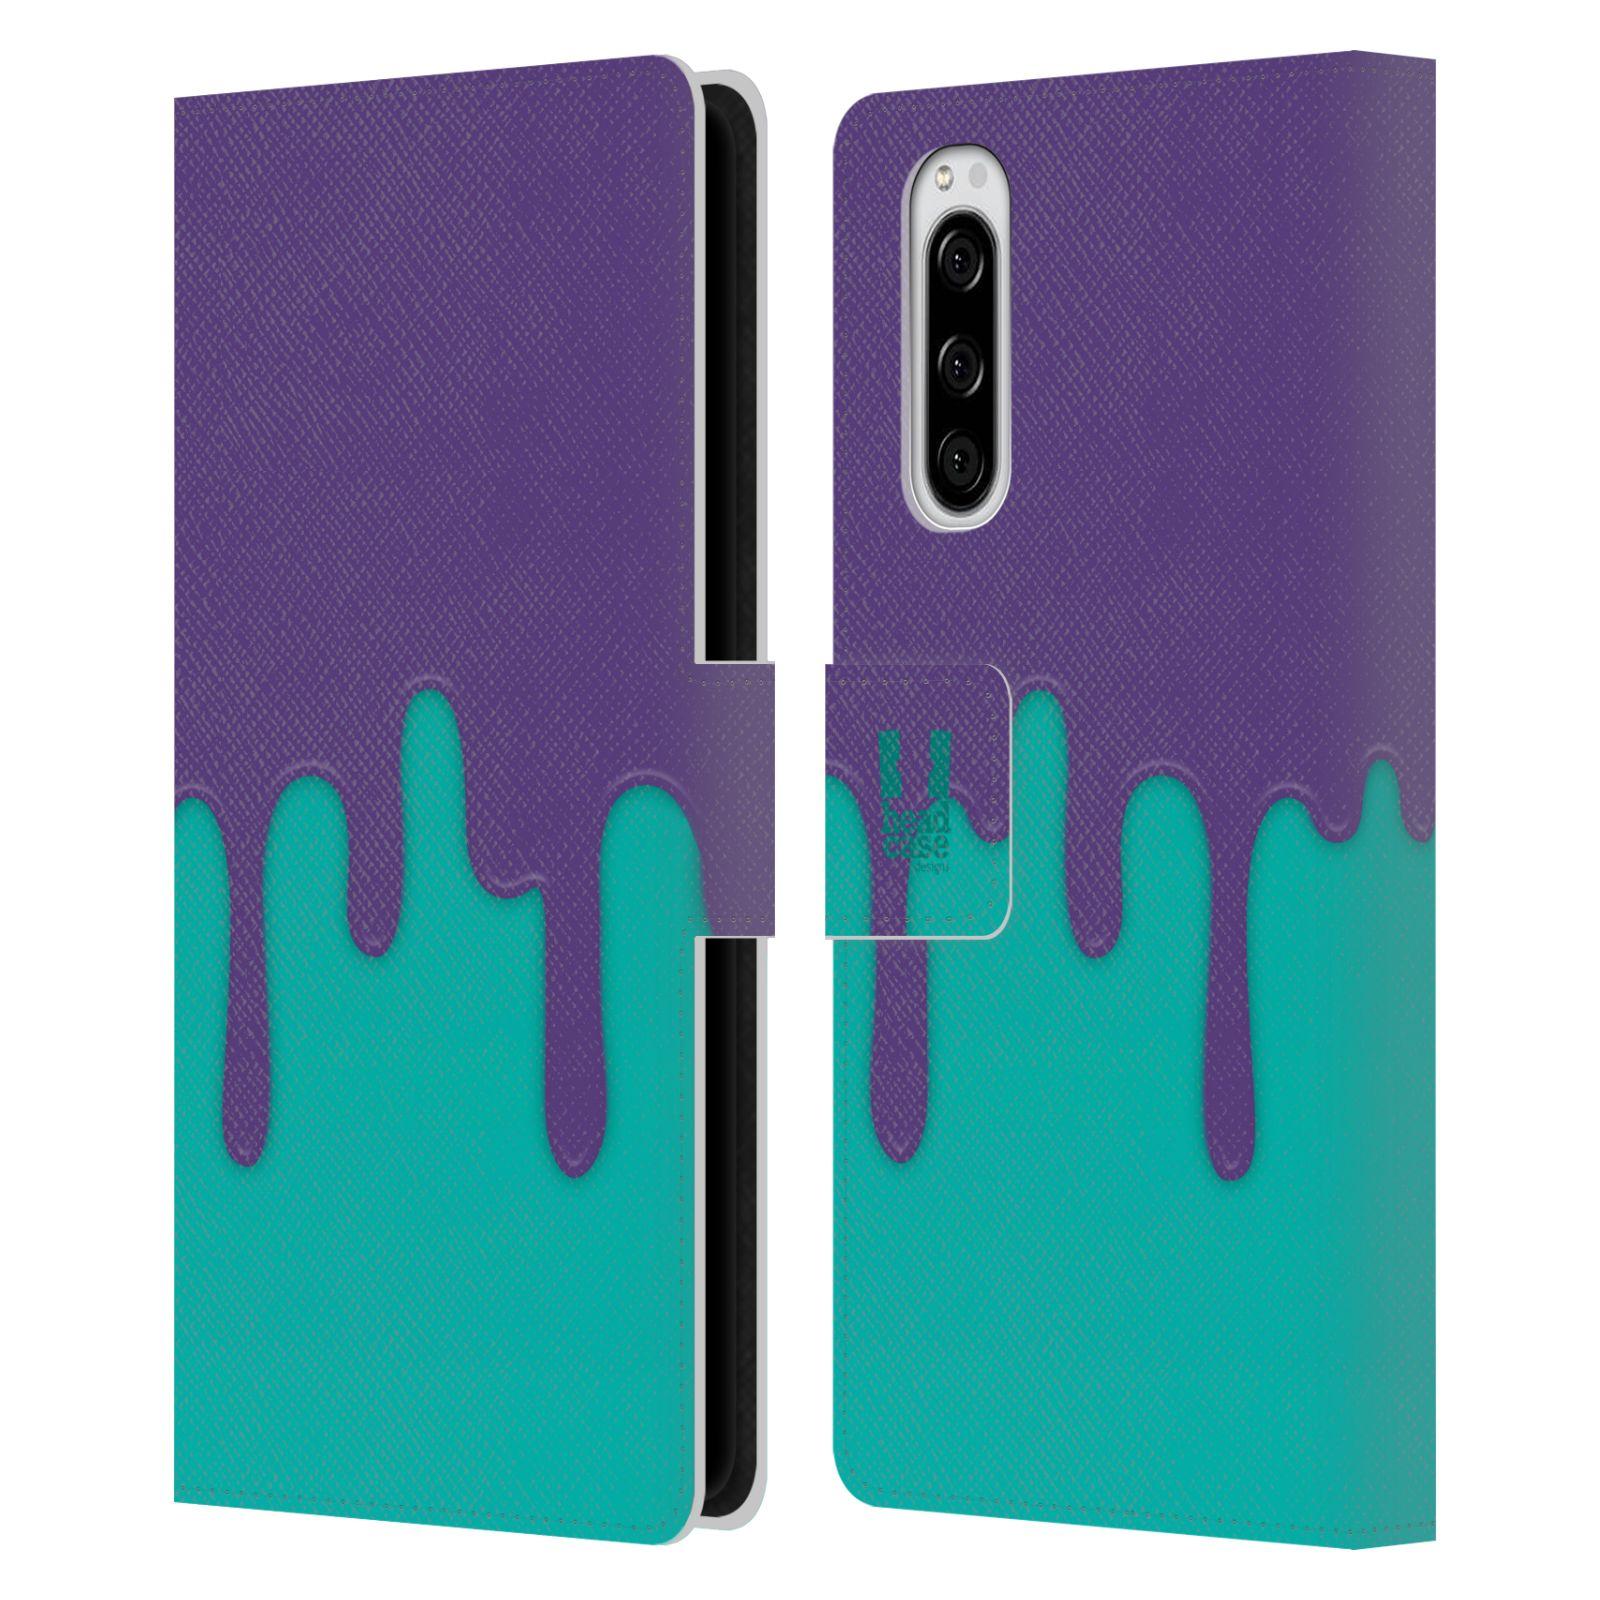 Pouzdro na mobil Sony Xperia 5 Rozlitá barva fialová a tyrkysová